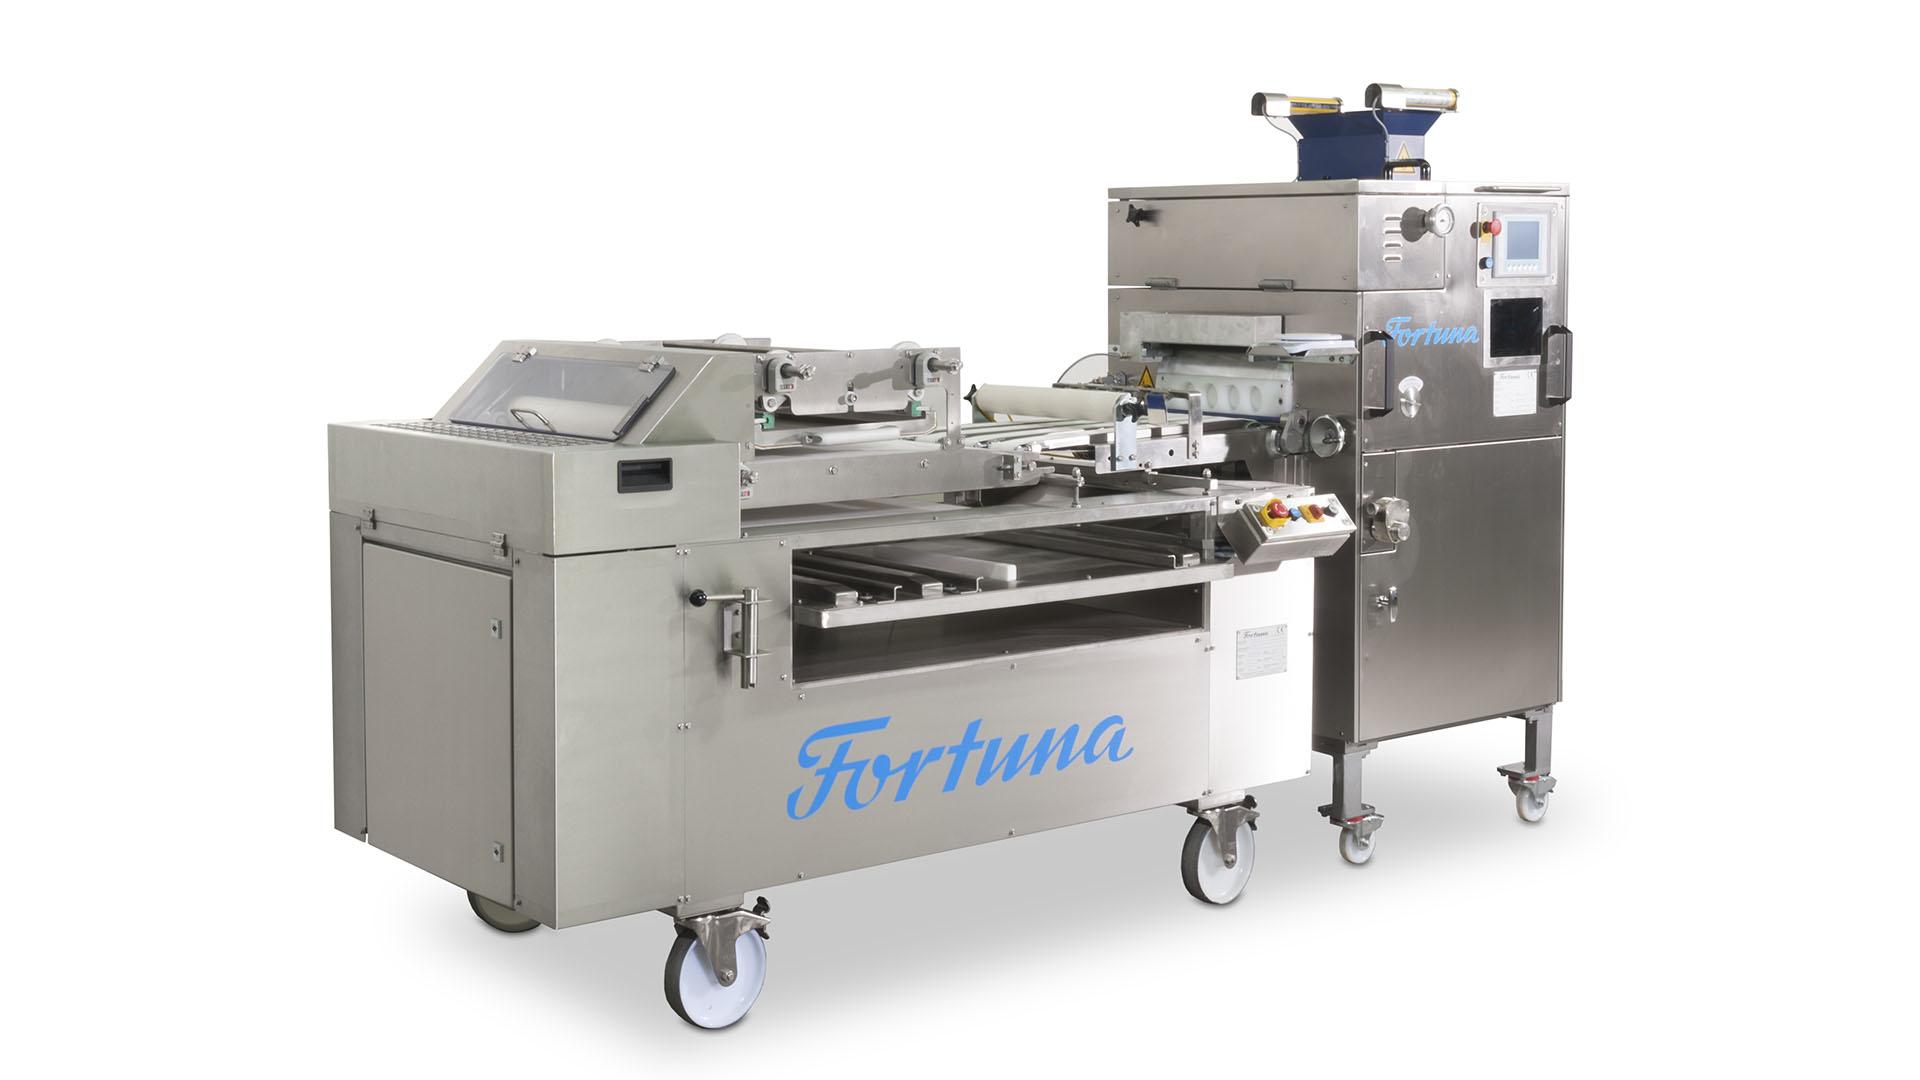 Fortuna-Absetzeinrichtung-BAK-Primus